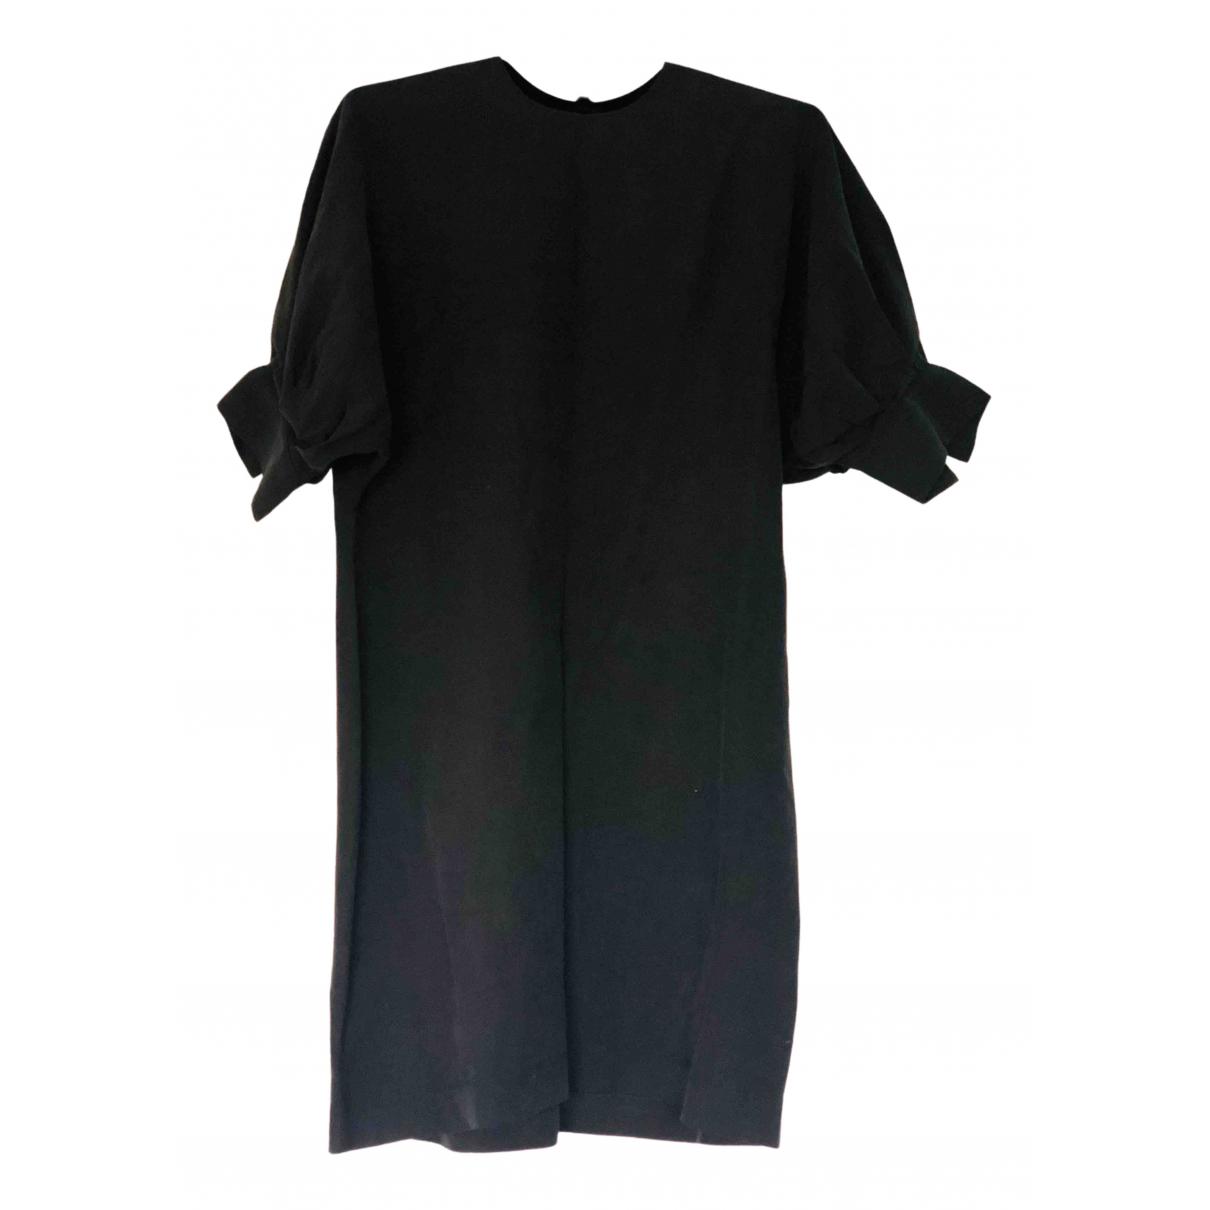 Matin \N Kleid in  Schwarz Seide